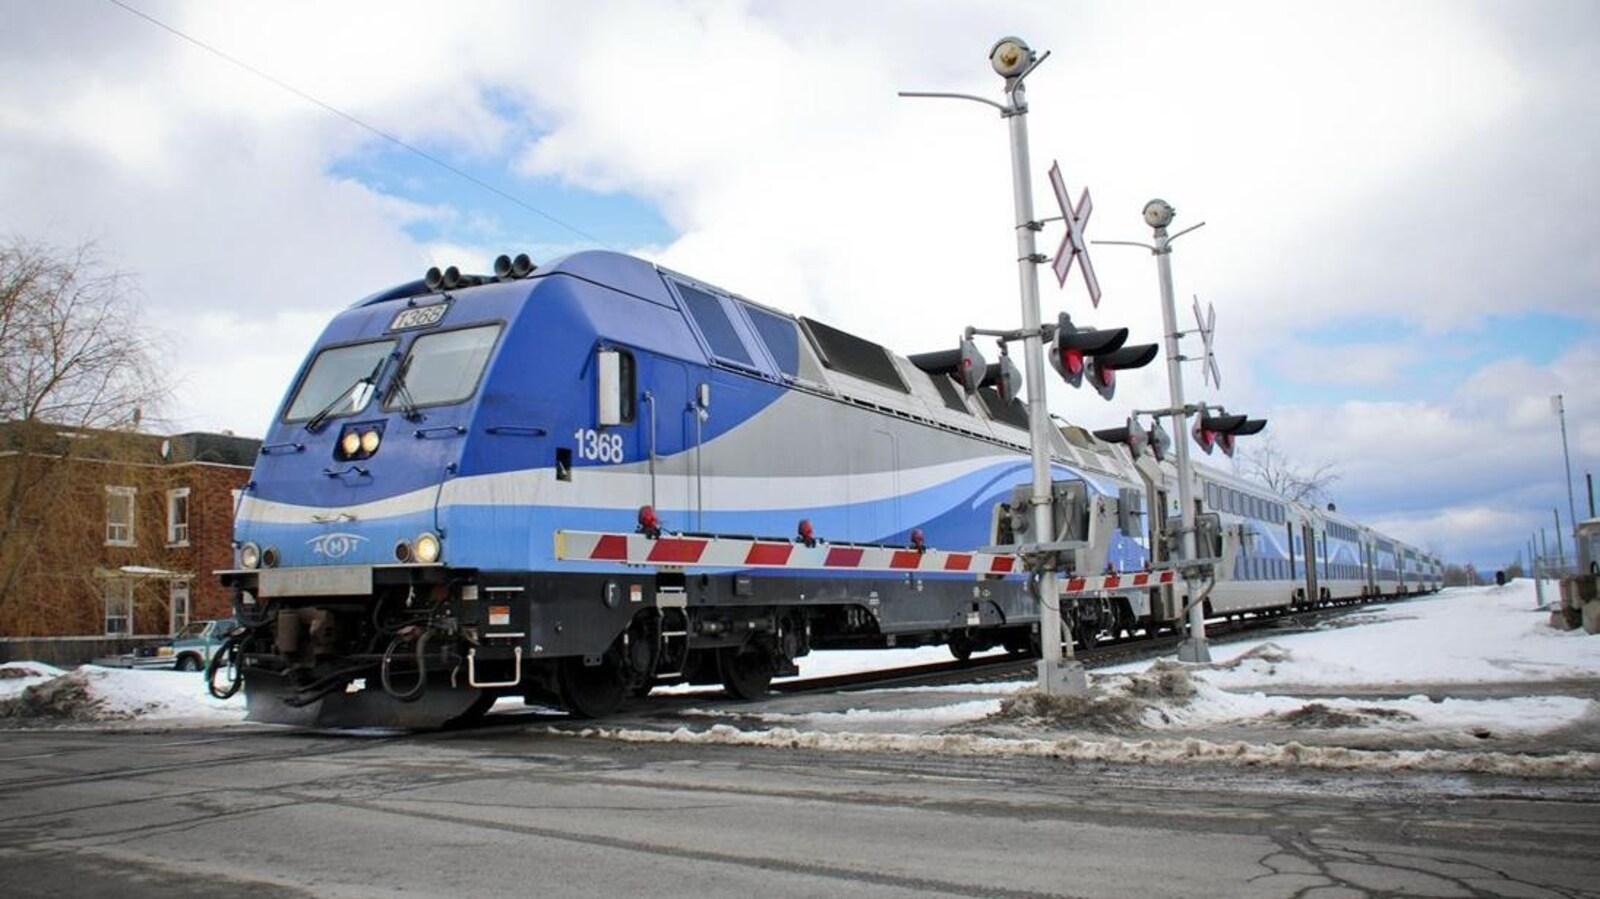 Un train de banlieue d'Exo traverse un passage à niveau, en hiver.